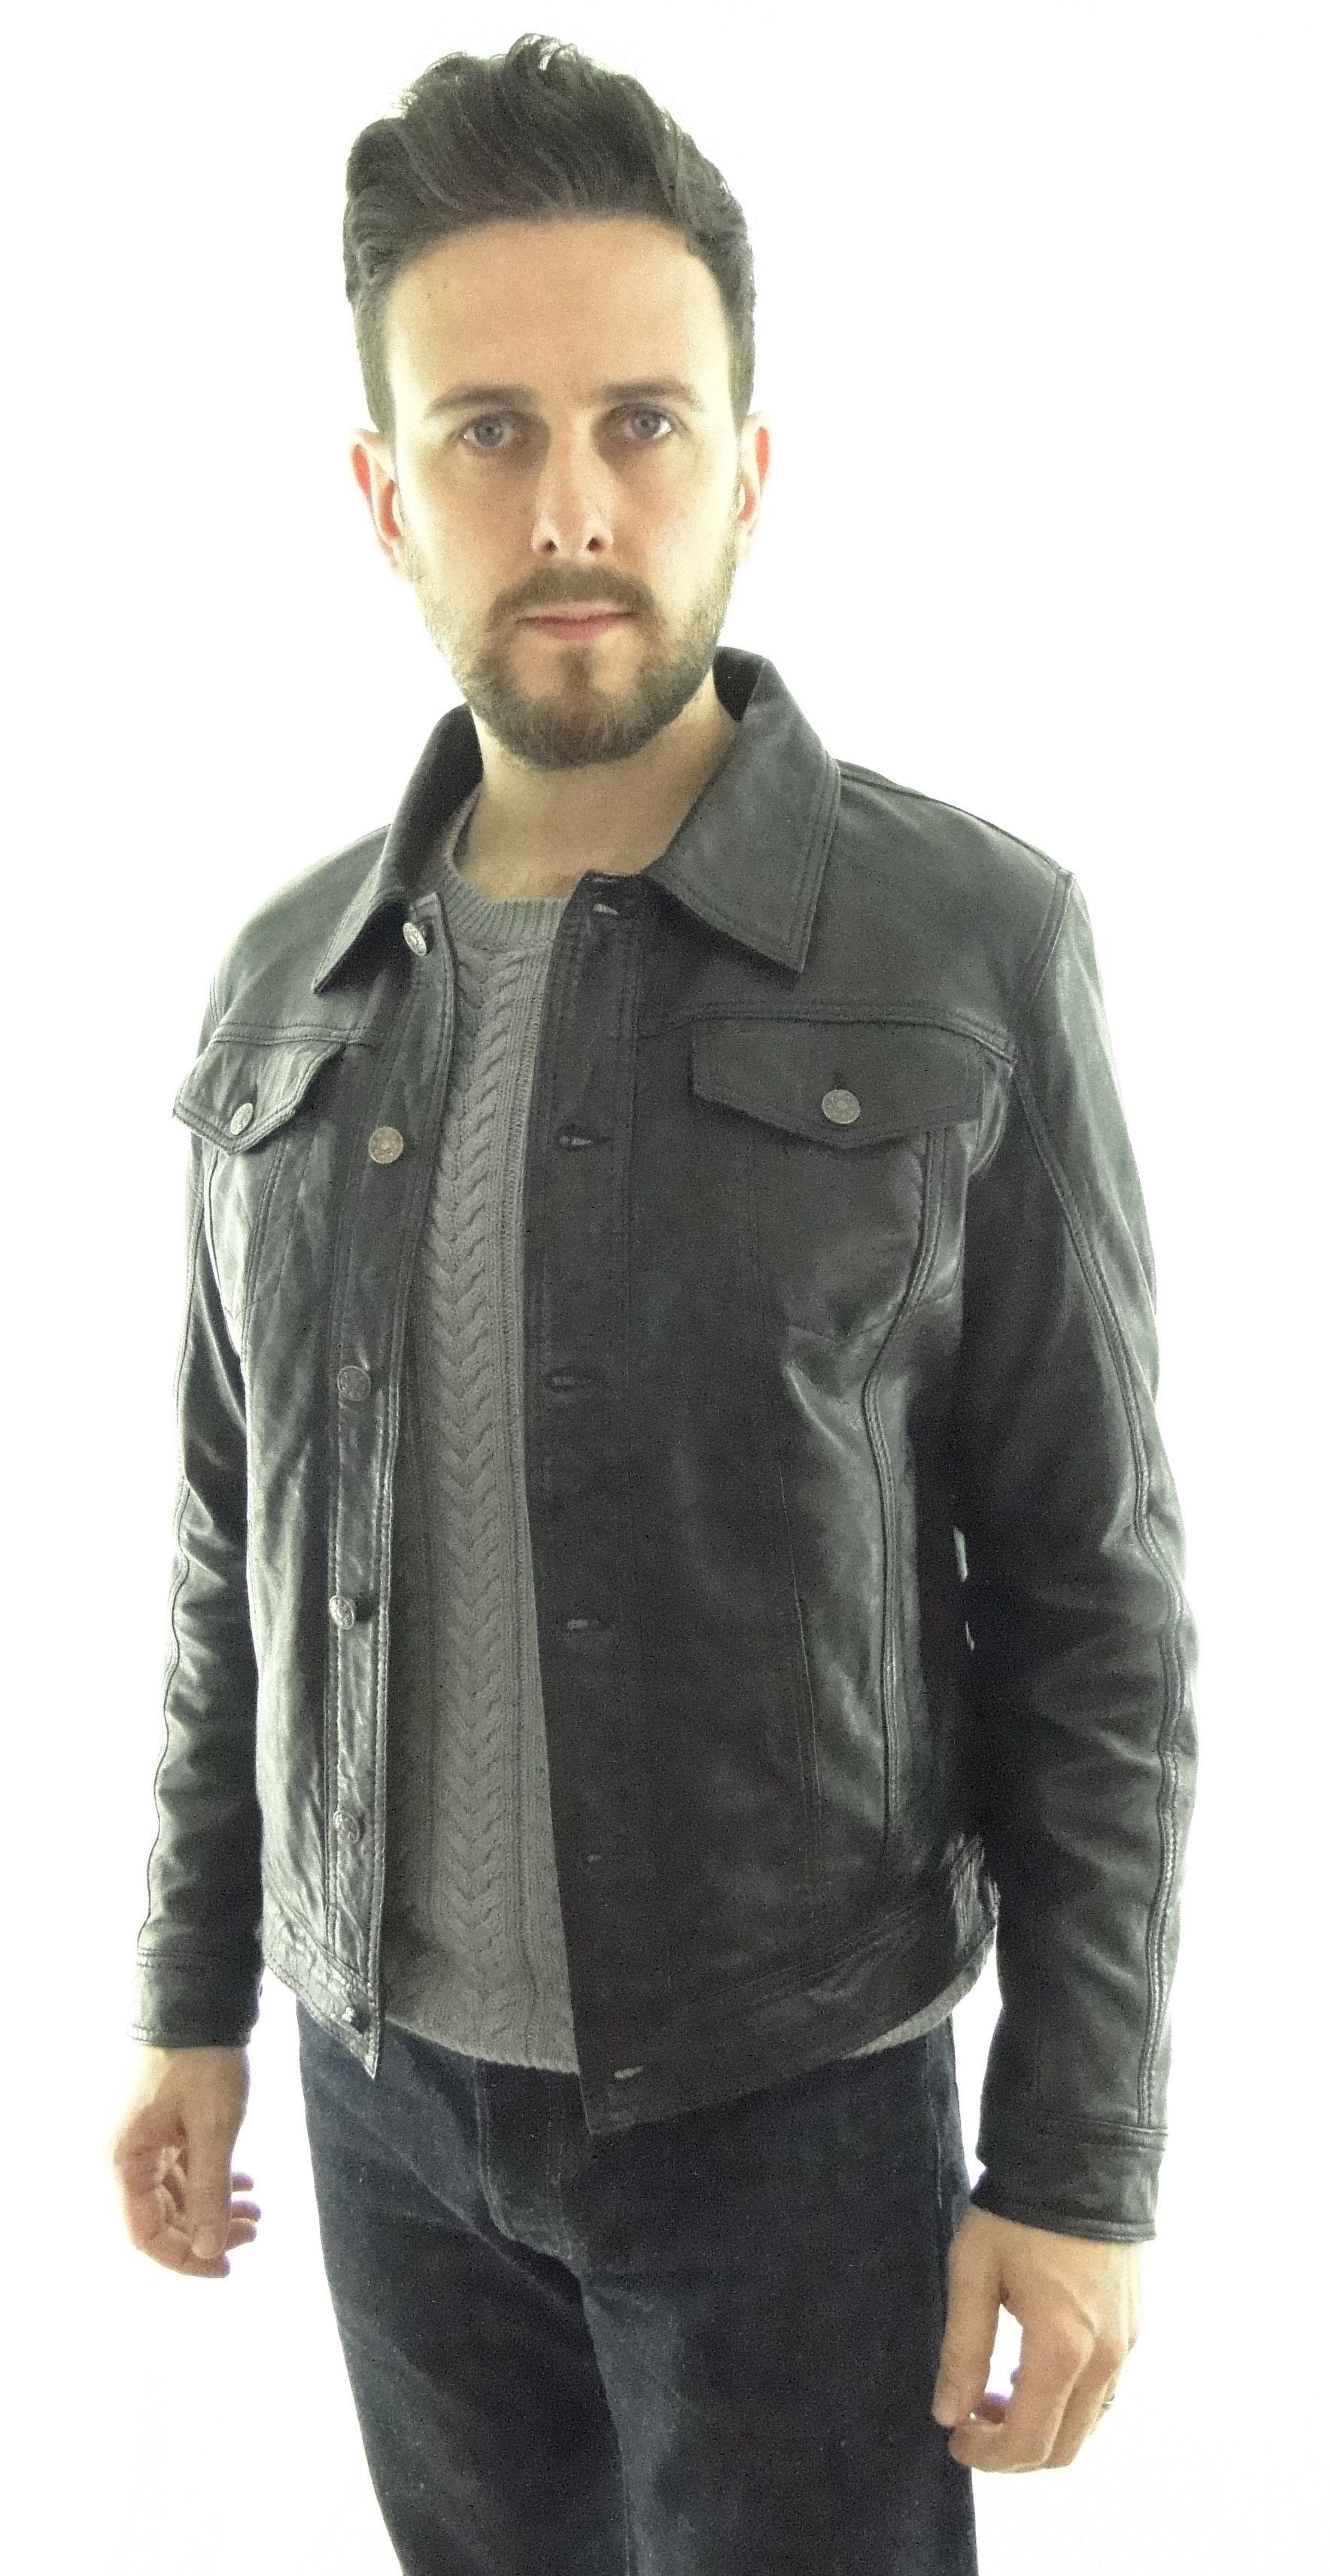 Men's Leather Denim Style Jacket in Black in 2020 Denim